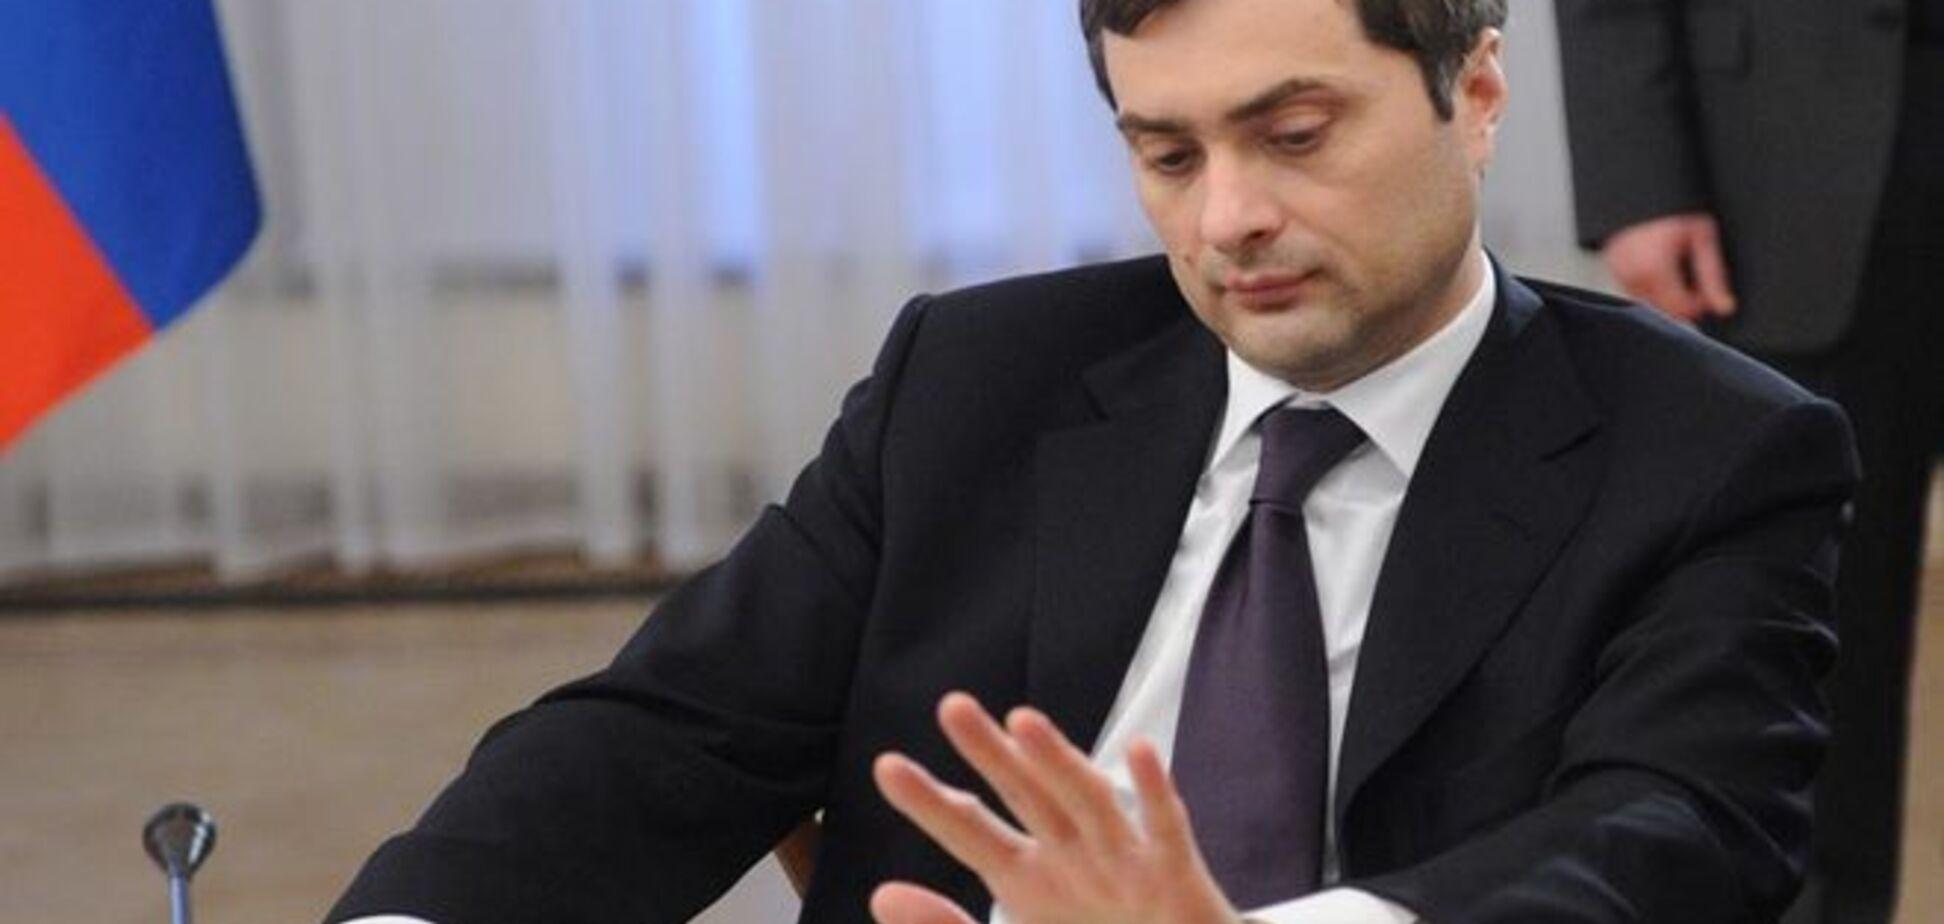 СБУ обвинила помощника Путина в руководстве иностранными снайперами на Майдане